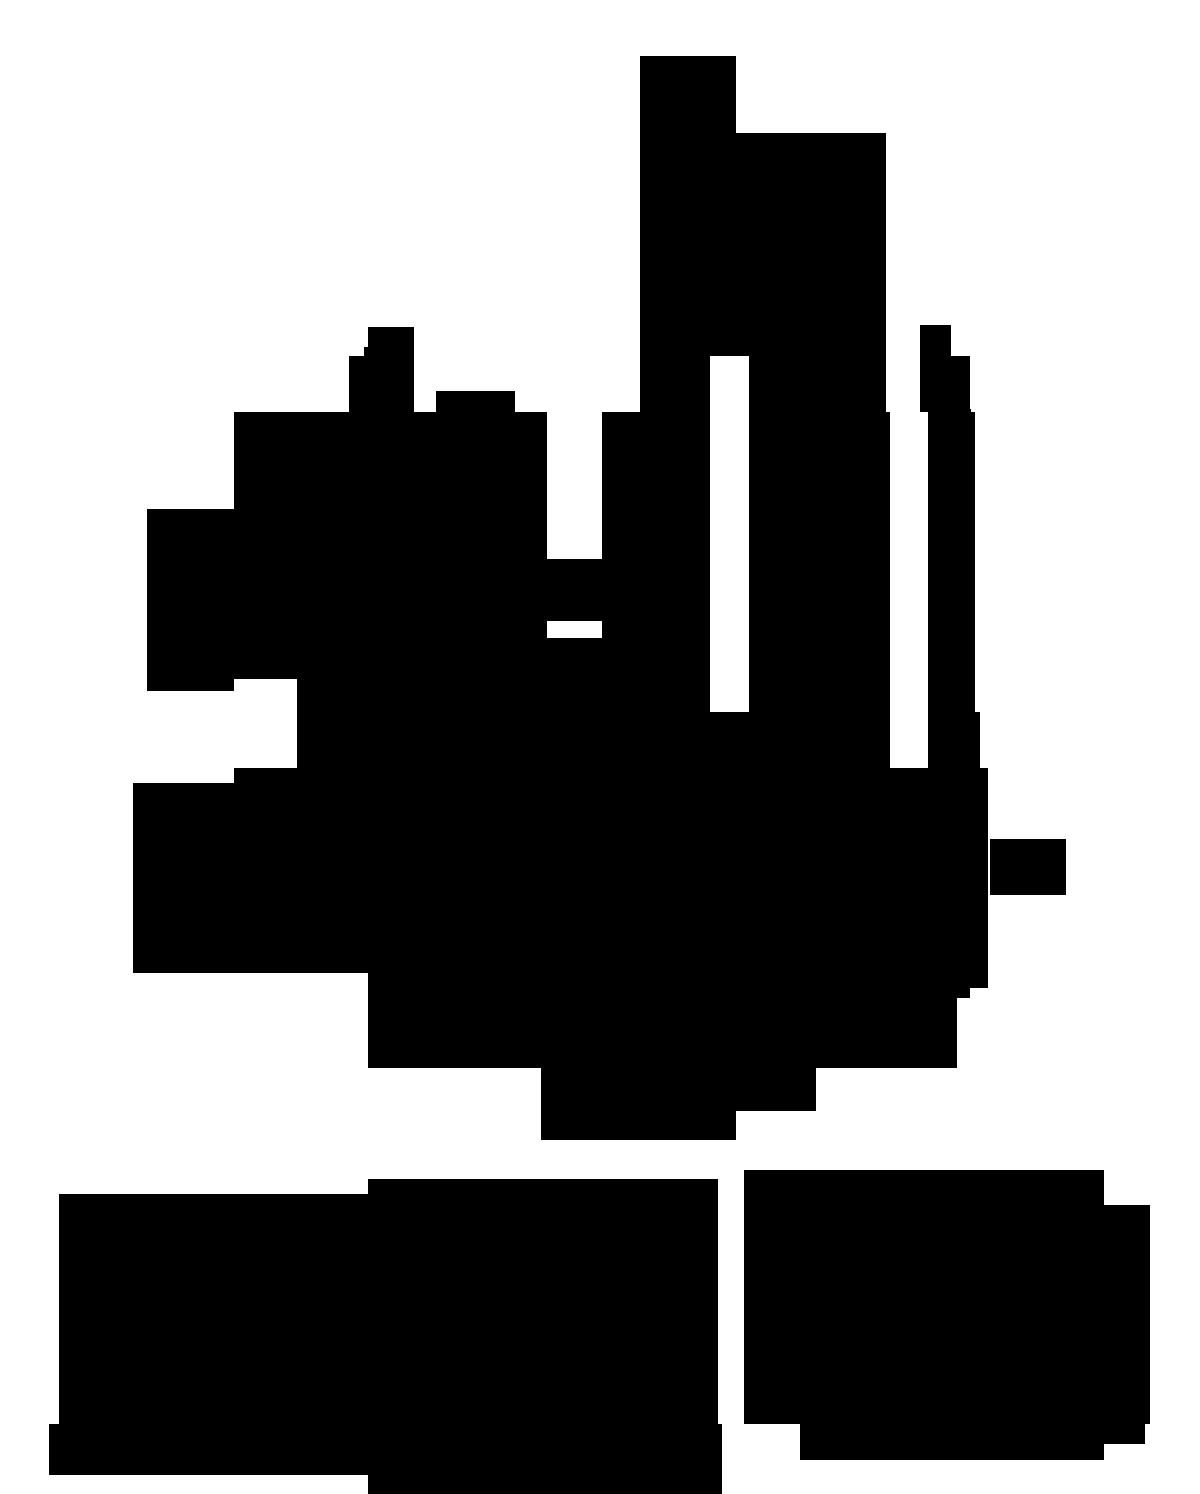 مخطوطه + تصميم ( اللهَ  لاَ إلَهَ إلاَّ هُوَ الحَيُّ القَيُّومُ )